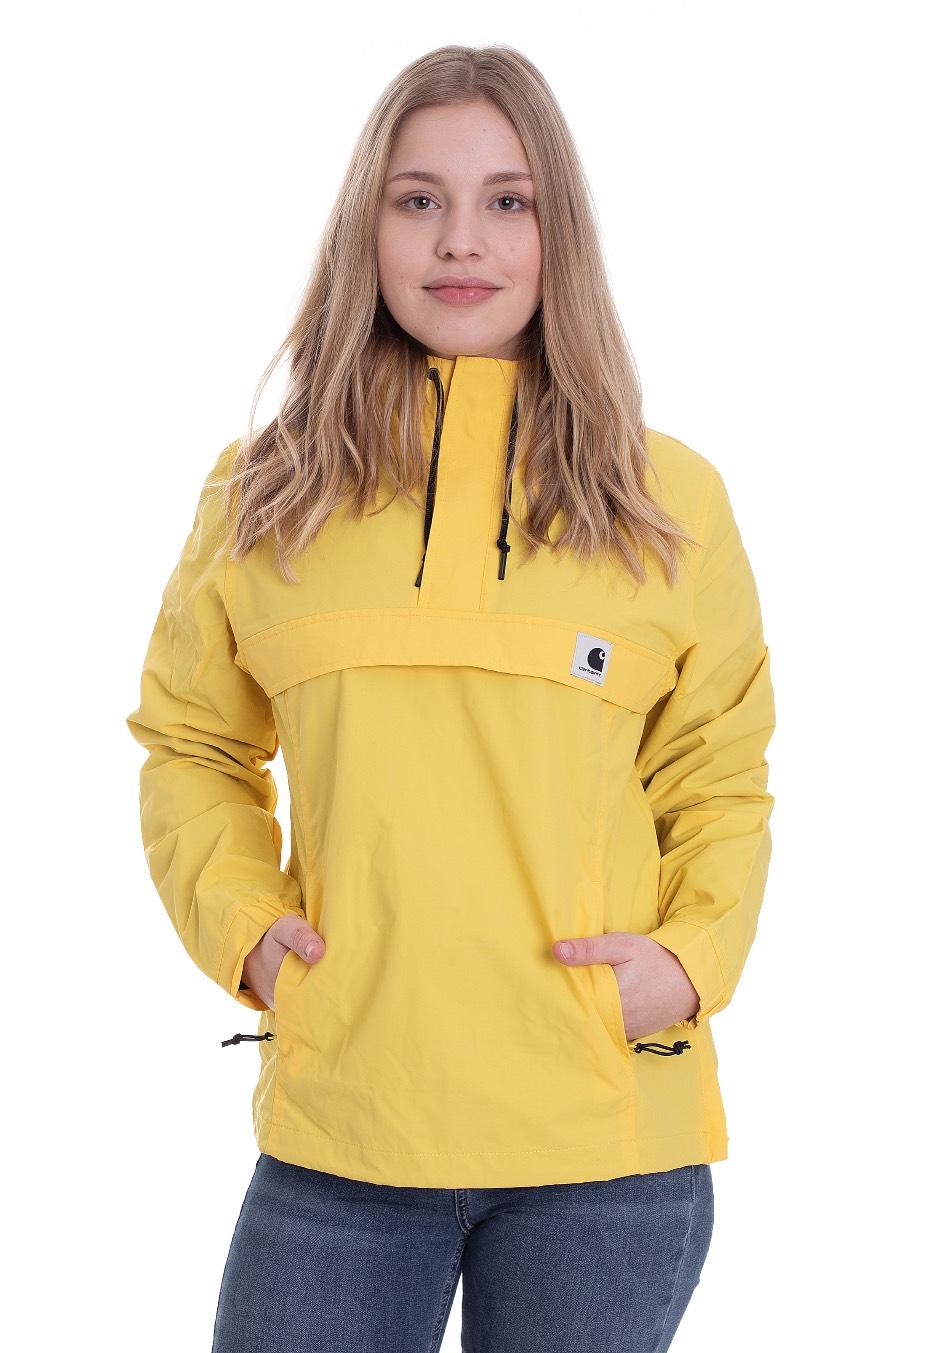 Jacken für Frauen - Carhartt WIP W' Nimbus Primula Summer Jacken  - Onlineshop IMPERICON